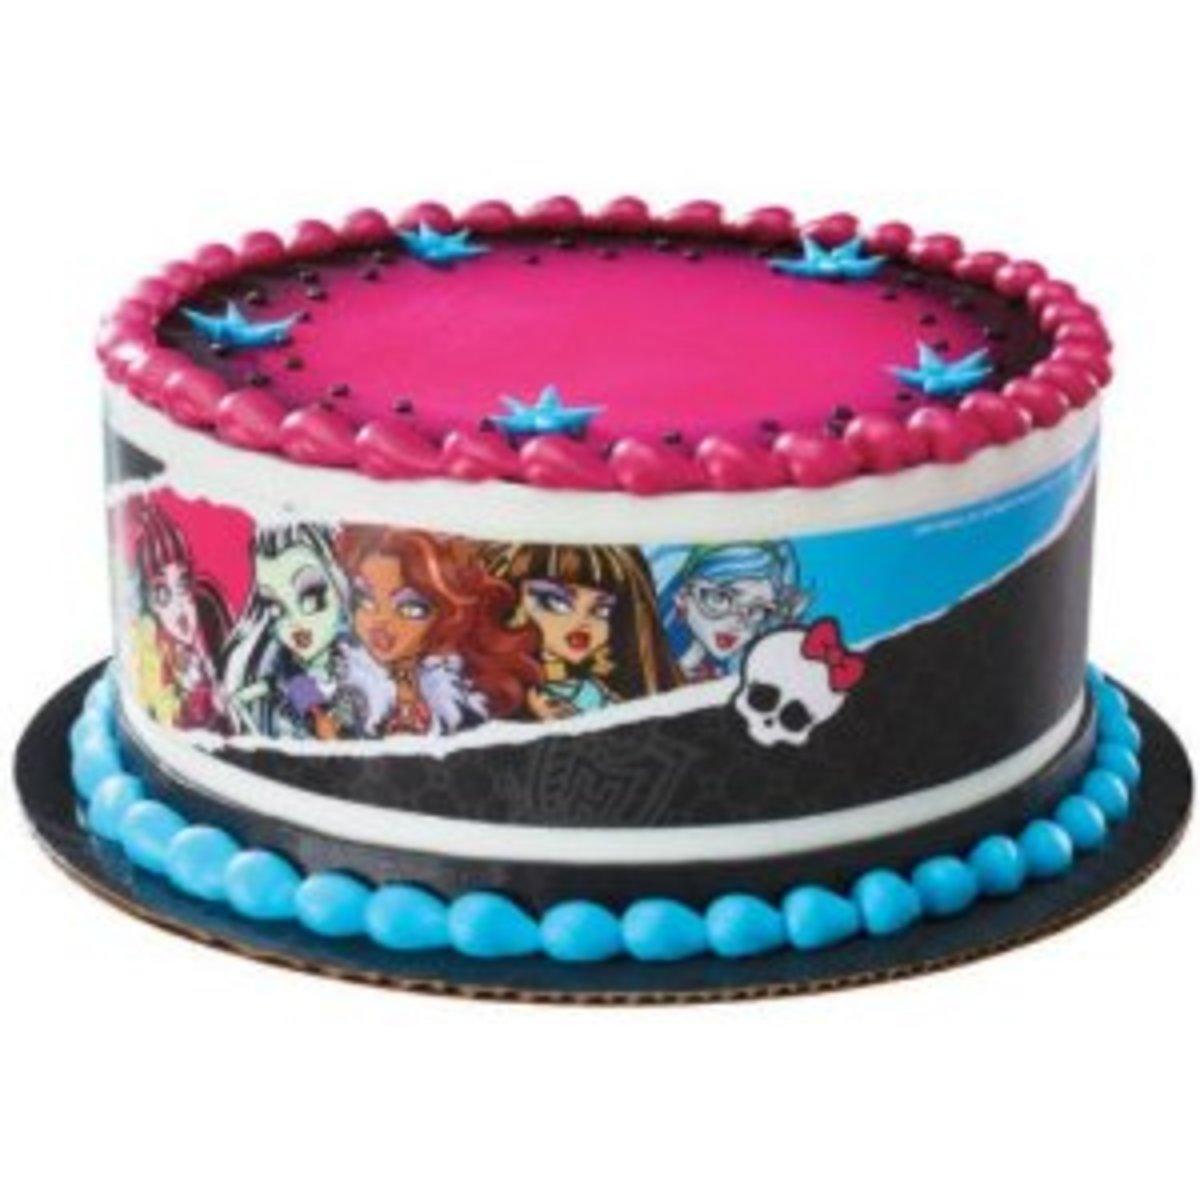 Monster High edible cake topper